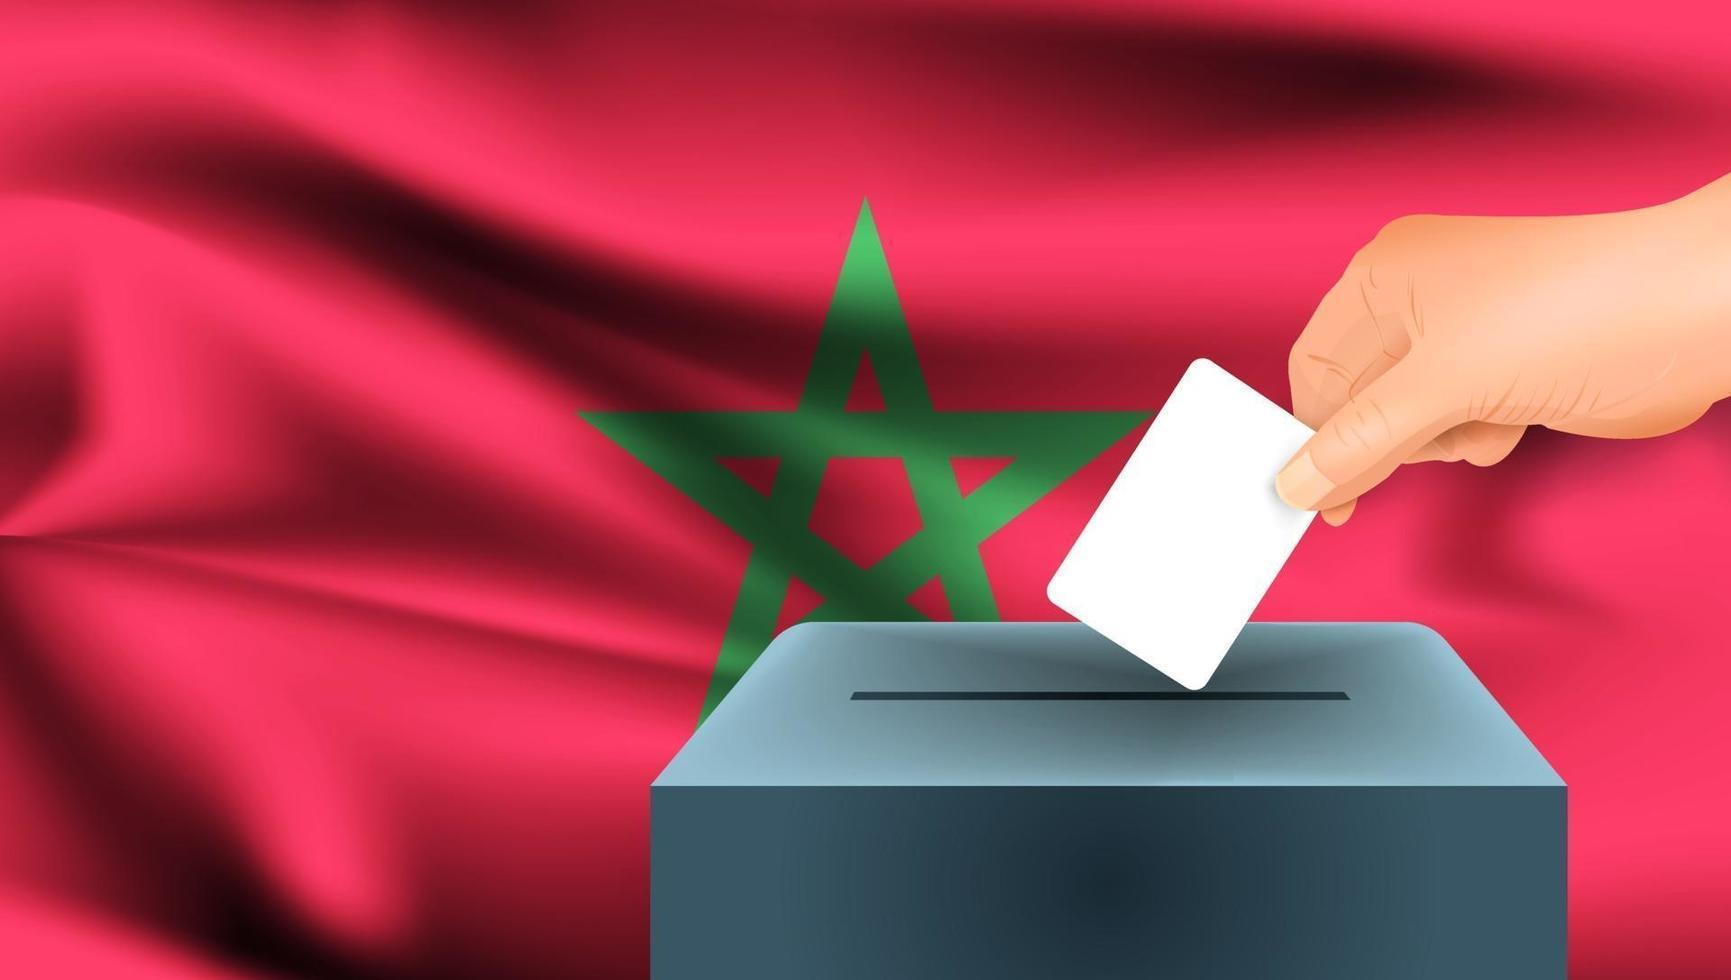 جان فيليب مواني: المغرب يقدم الدليل على أن ترسيخ الديمقراطية سلميا ممكن في العالم العربي